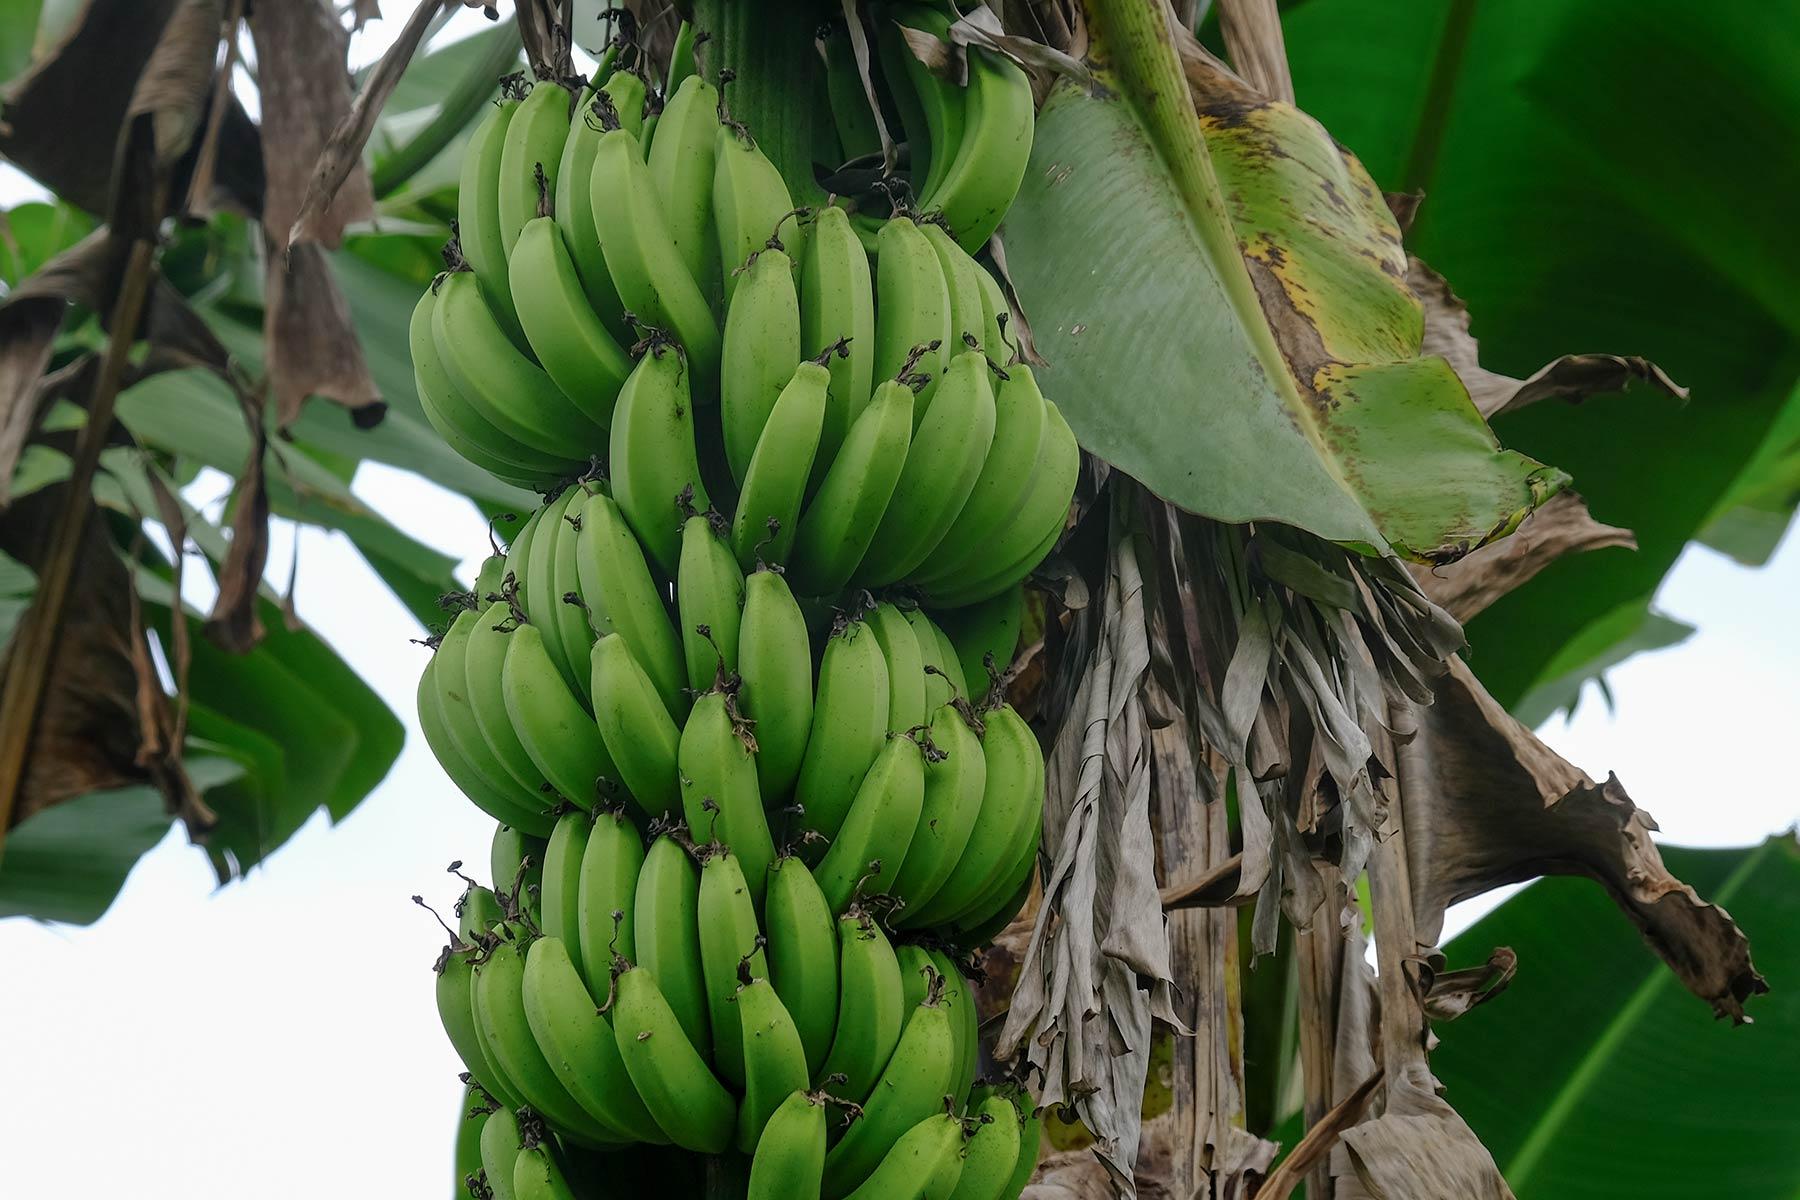 Bananenstaude in Taiwan